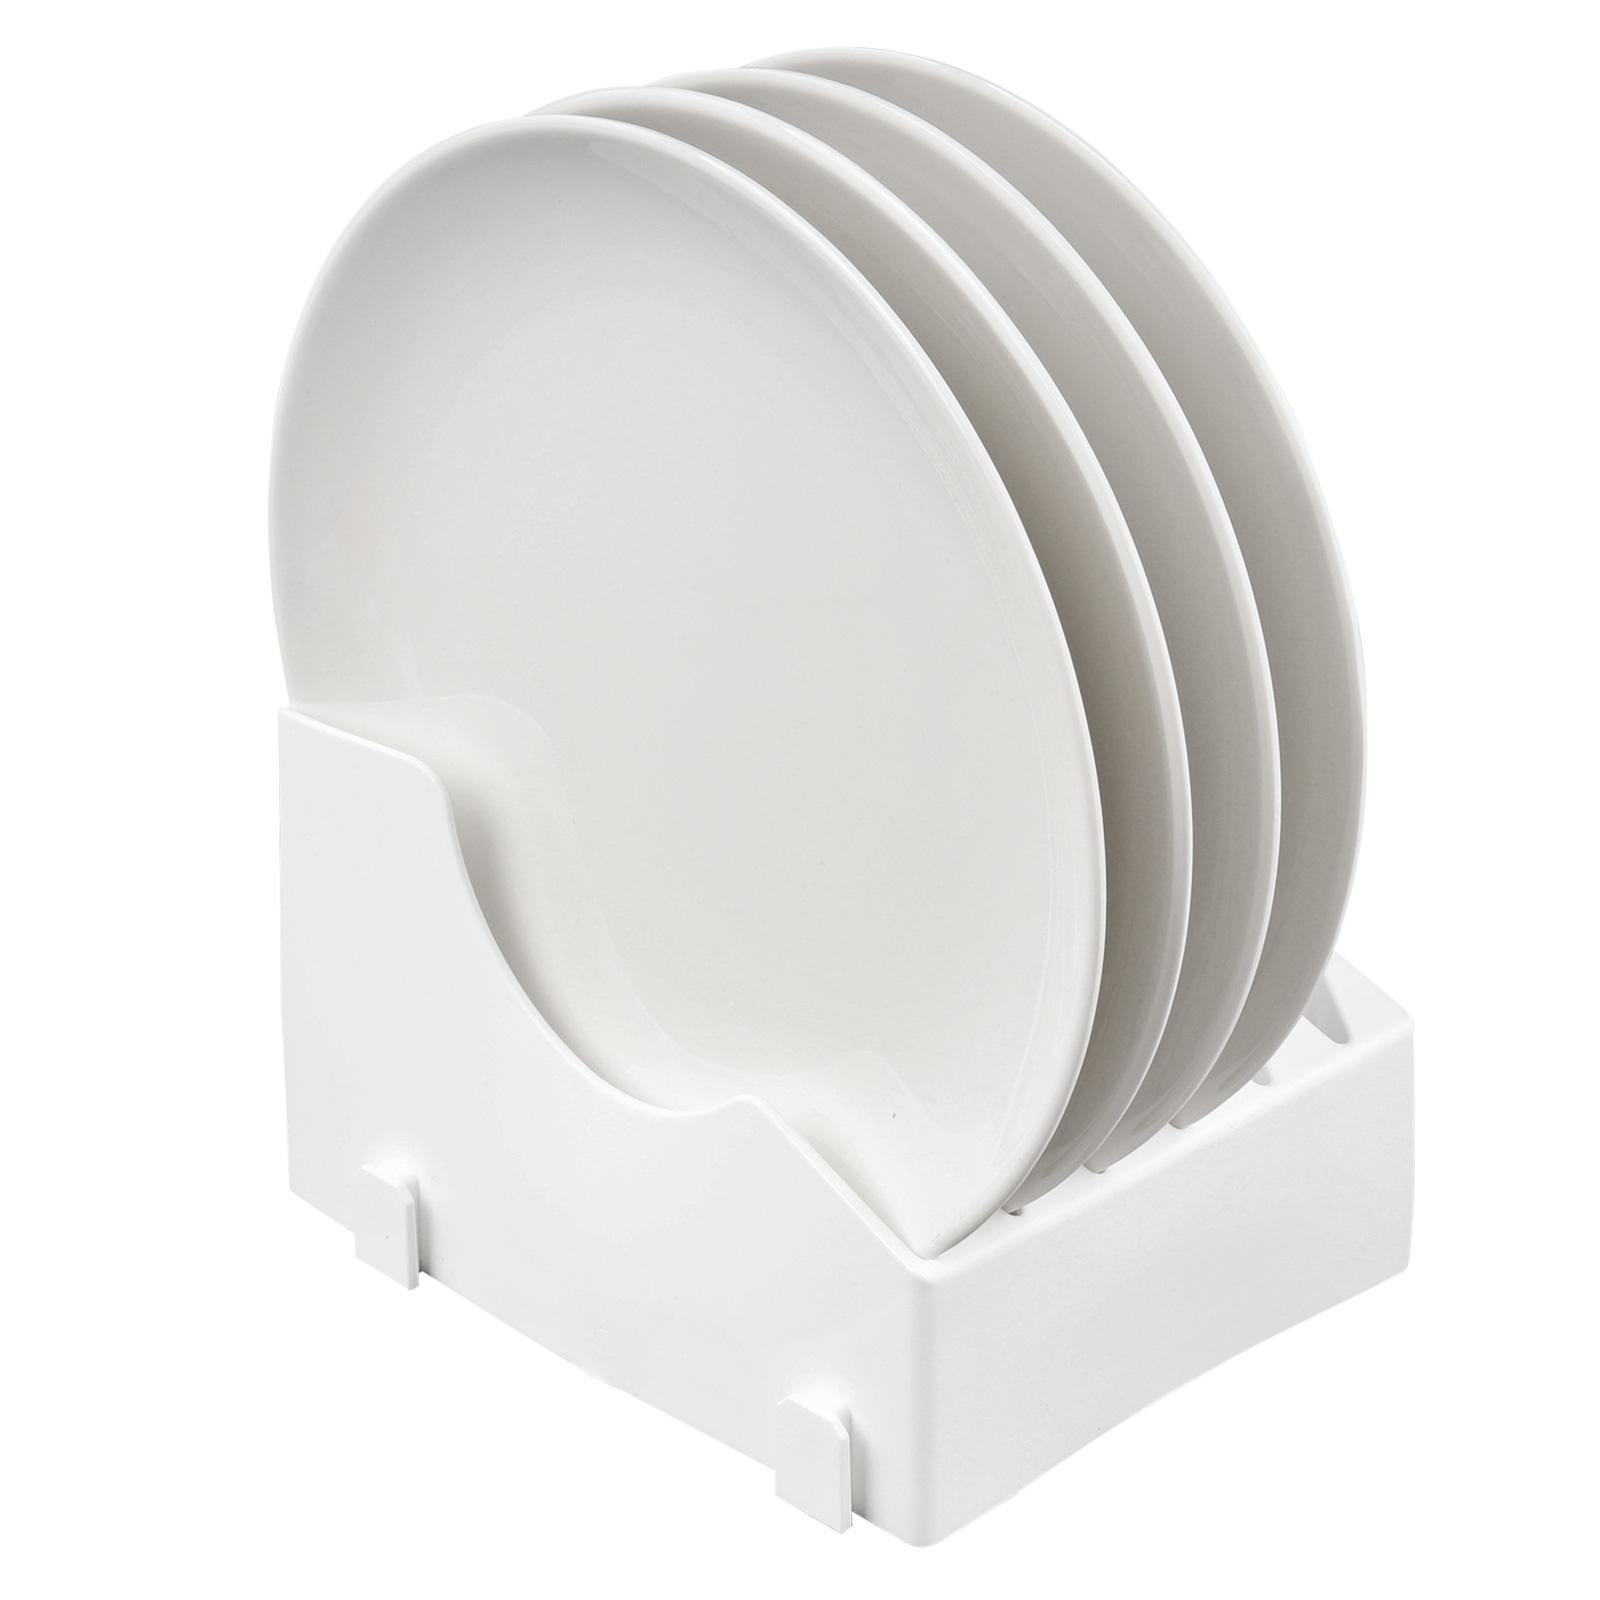 Froli Tellerhalter Wohnmobil Hoch, 6 Teller Geschirrhalter, Kunststoff